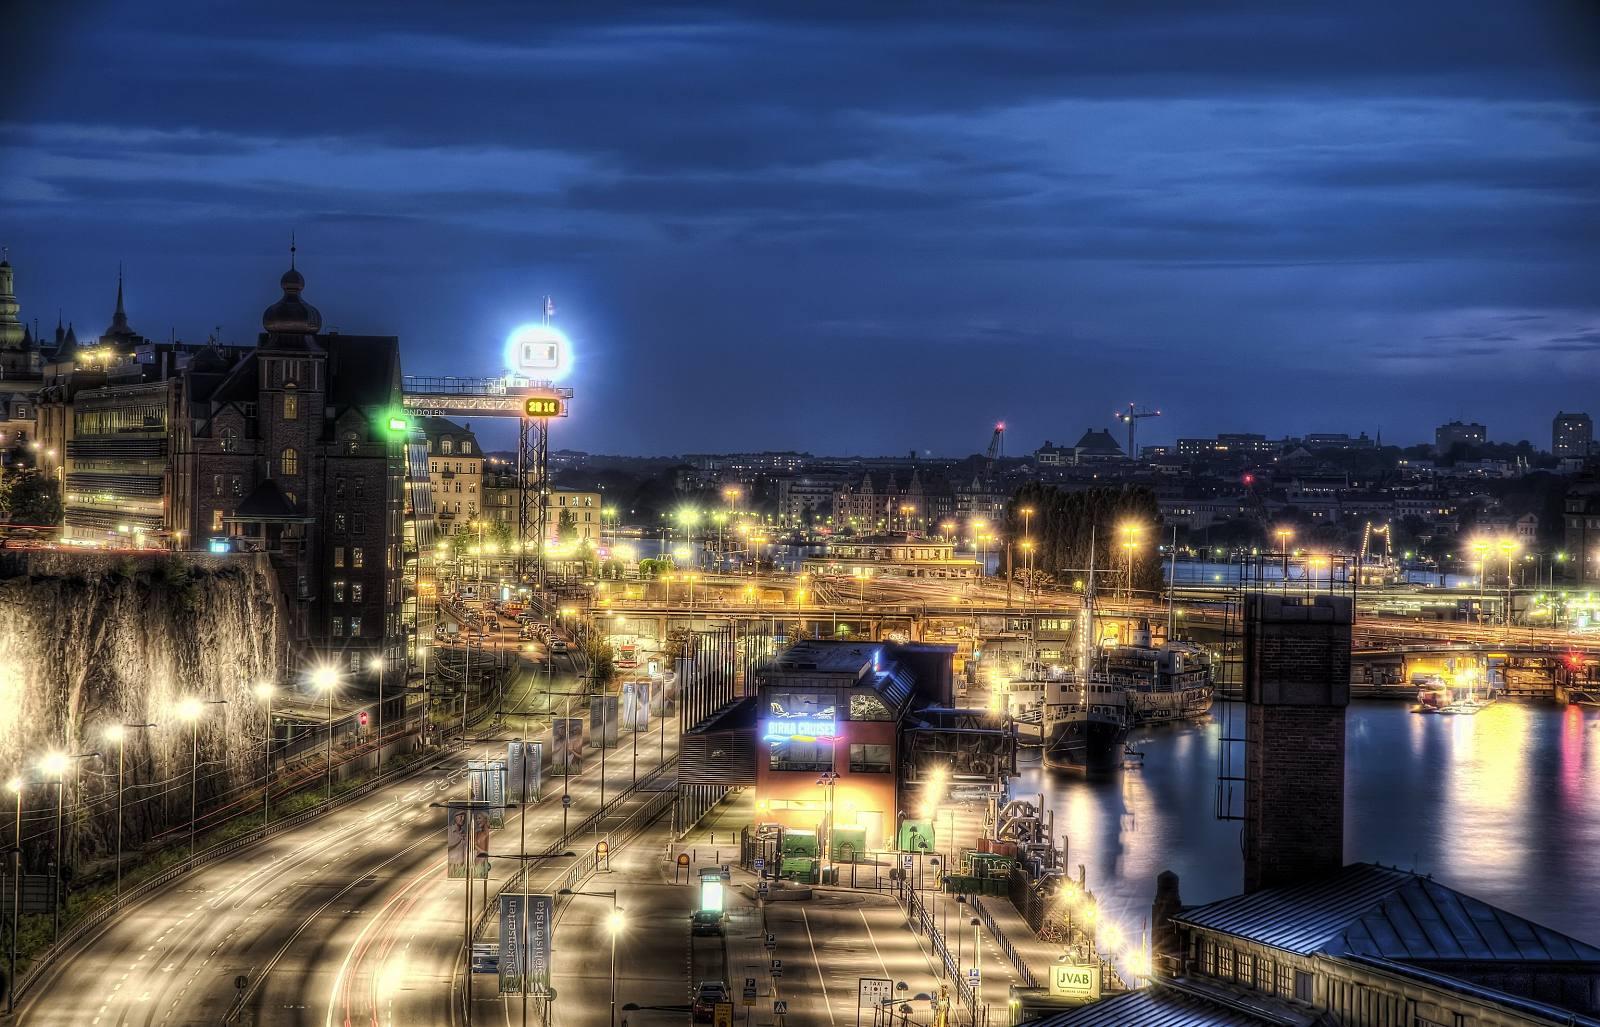 016 - Stockholm - Sweden